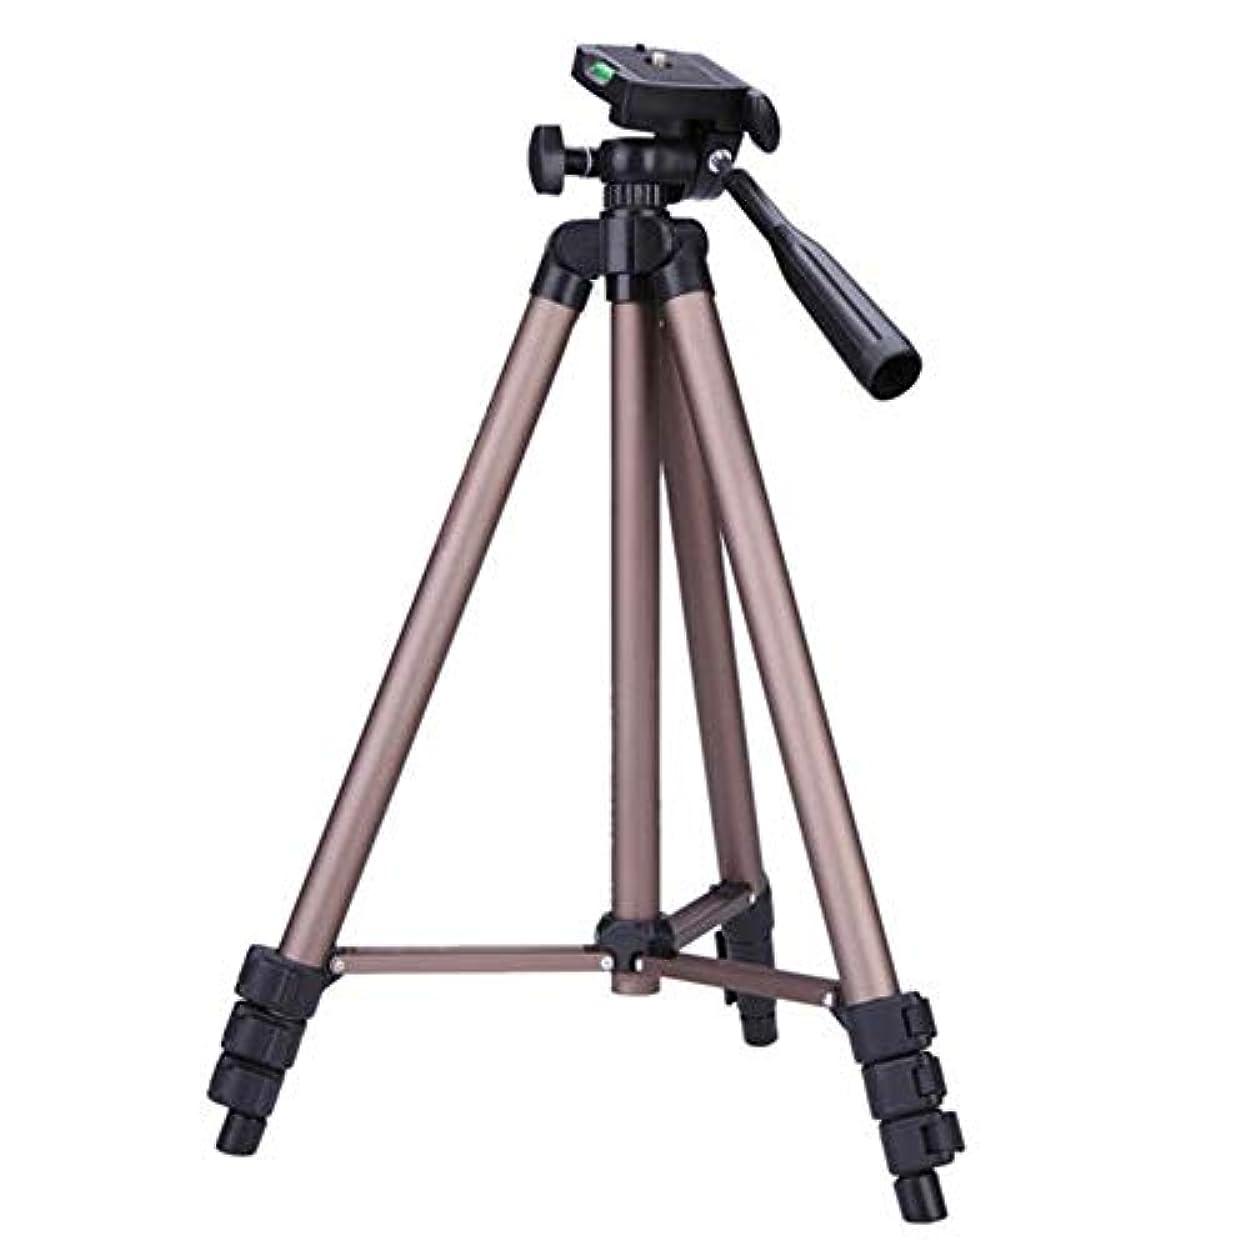 アセ医学プランターコンパクト三脚 デジタル一眼レフカメラビデオカメラ用のアルミ合金Protable三脚 しっかりとした構造で、耐久性もあります (Color : Photo Color, Size : One size)